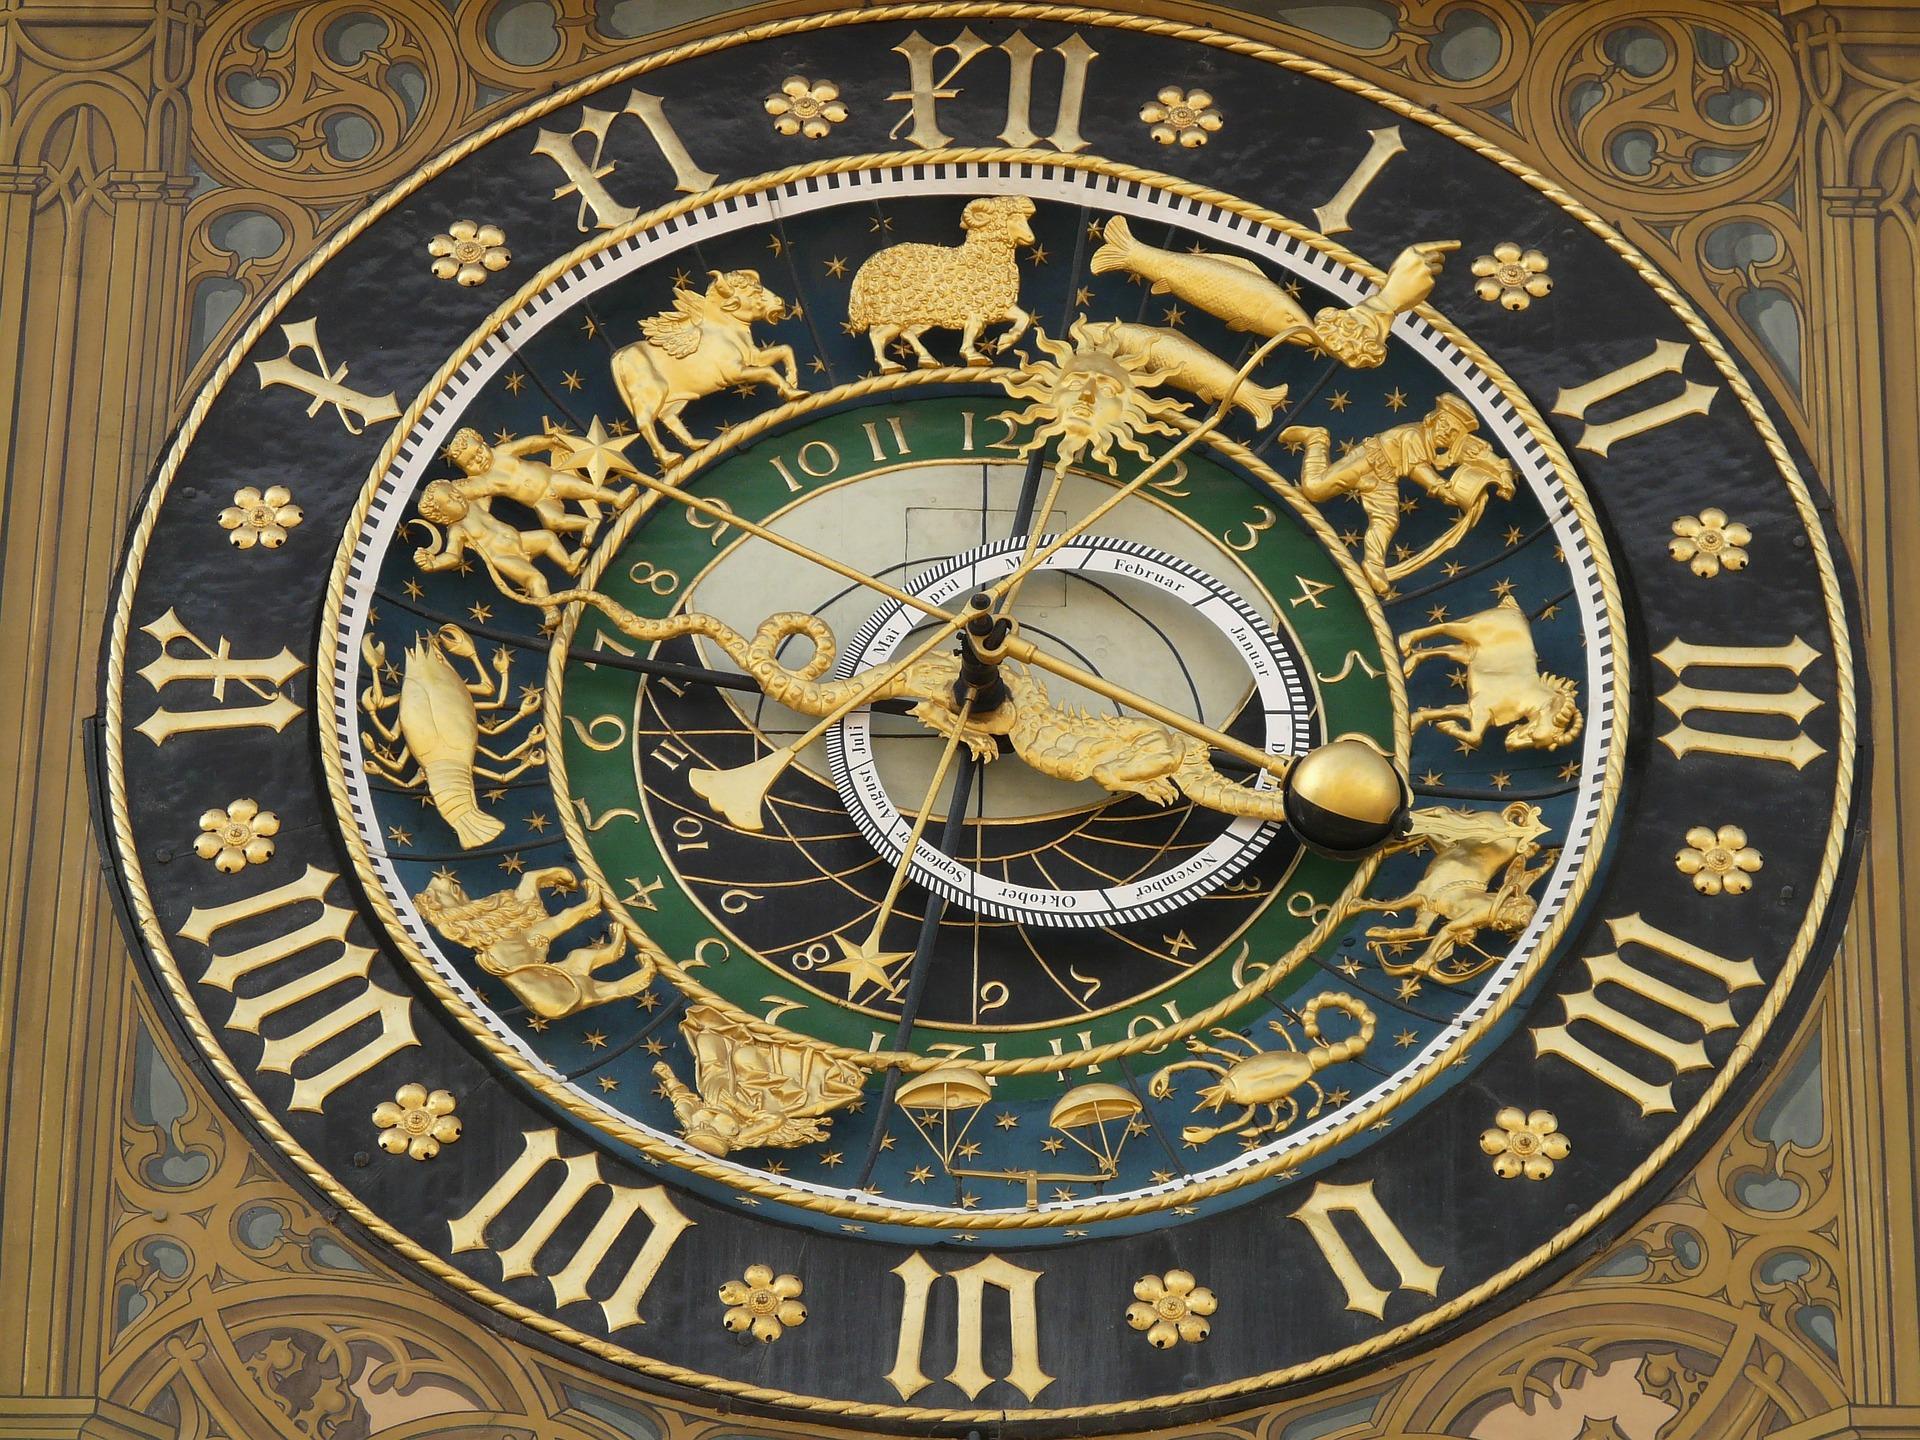 占星術で沢尻エリカの運勢を読むと。大阪占いサロン